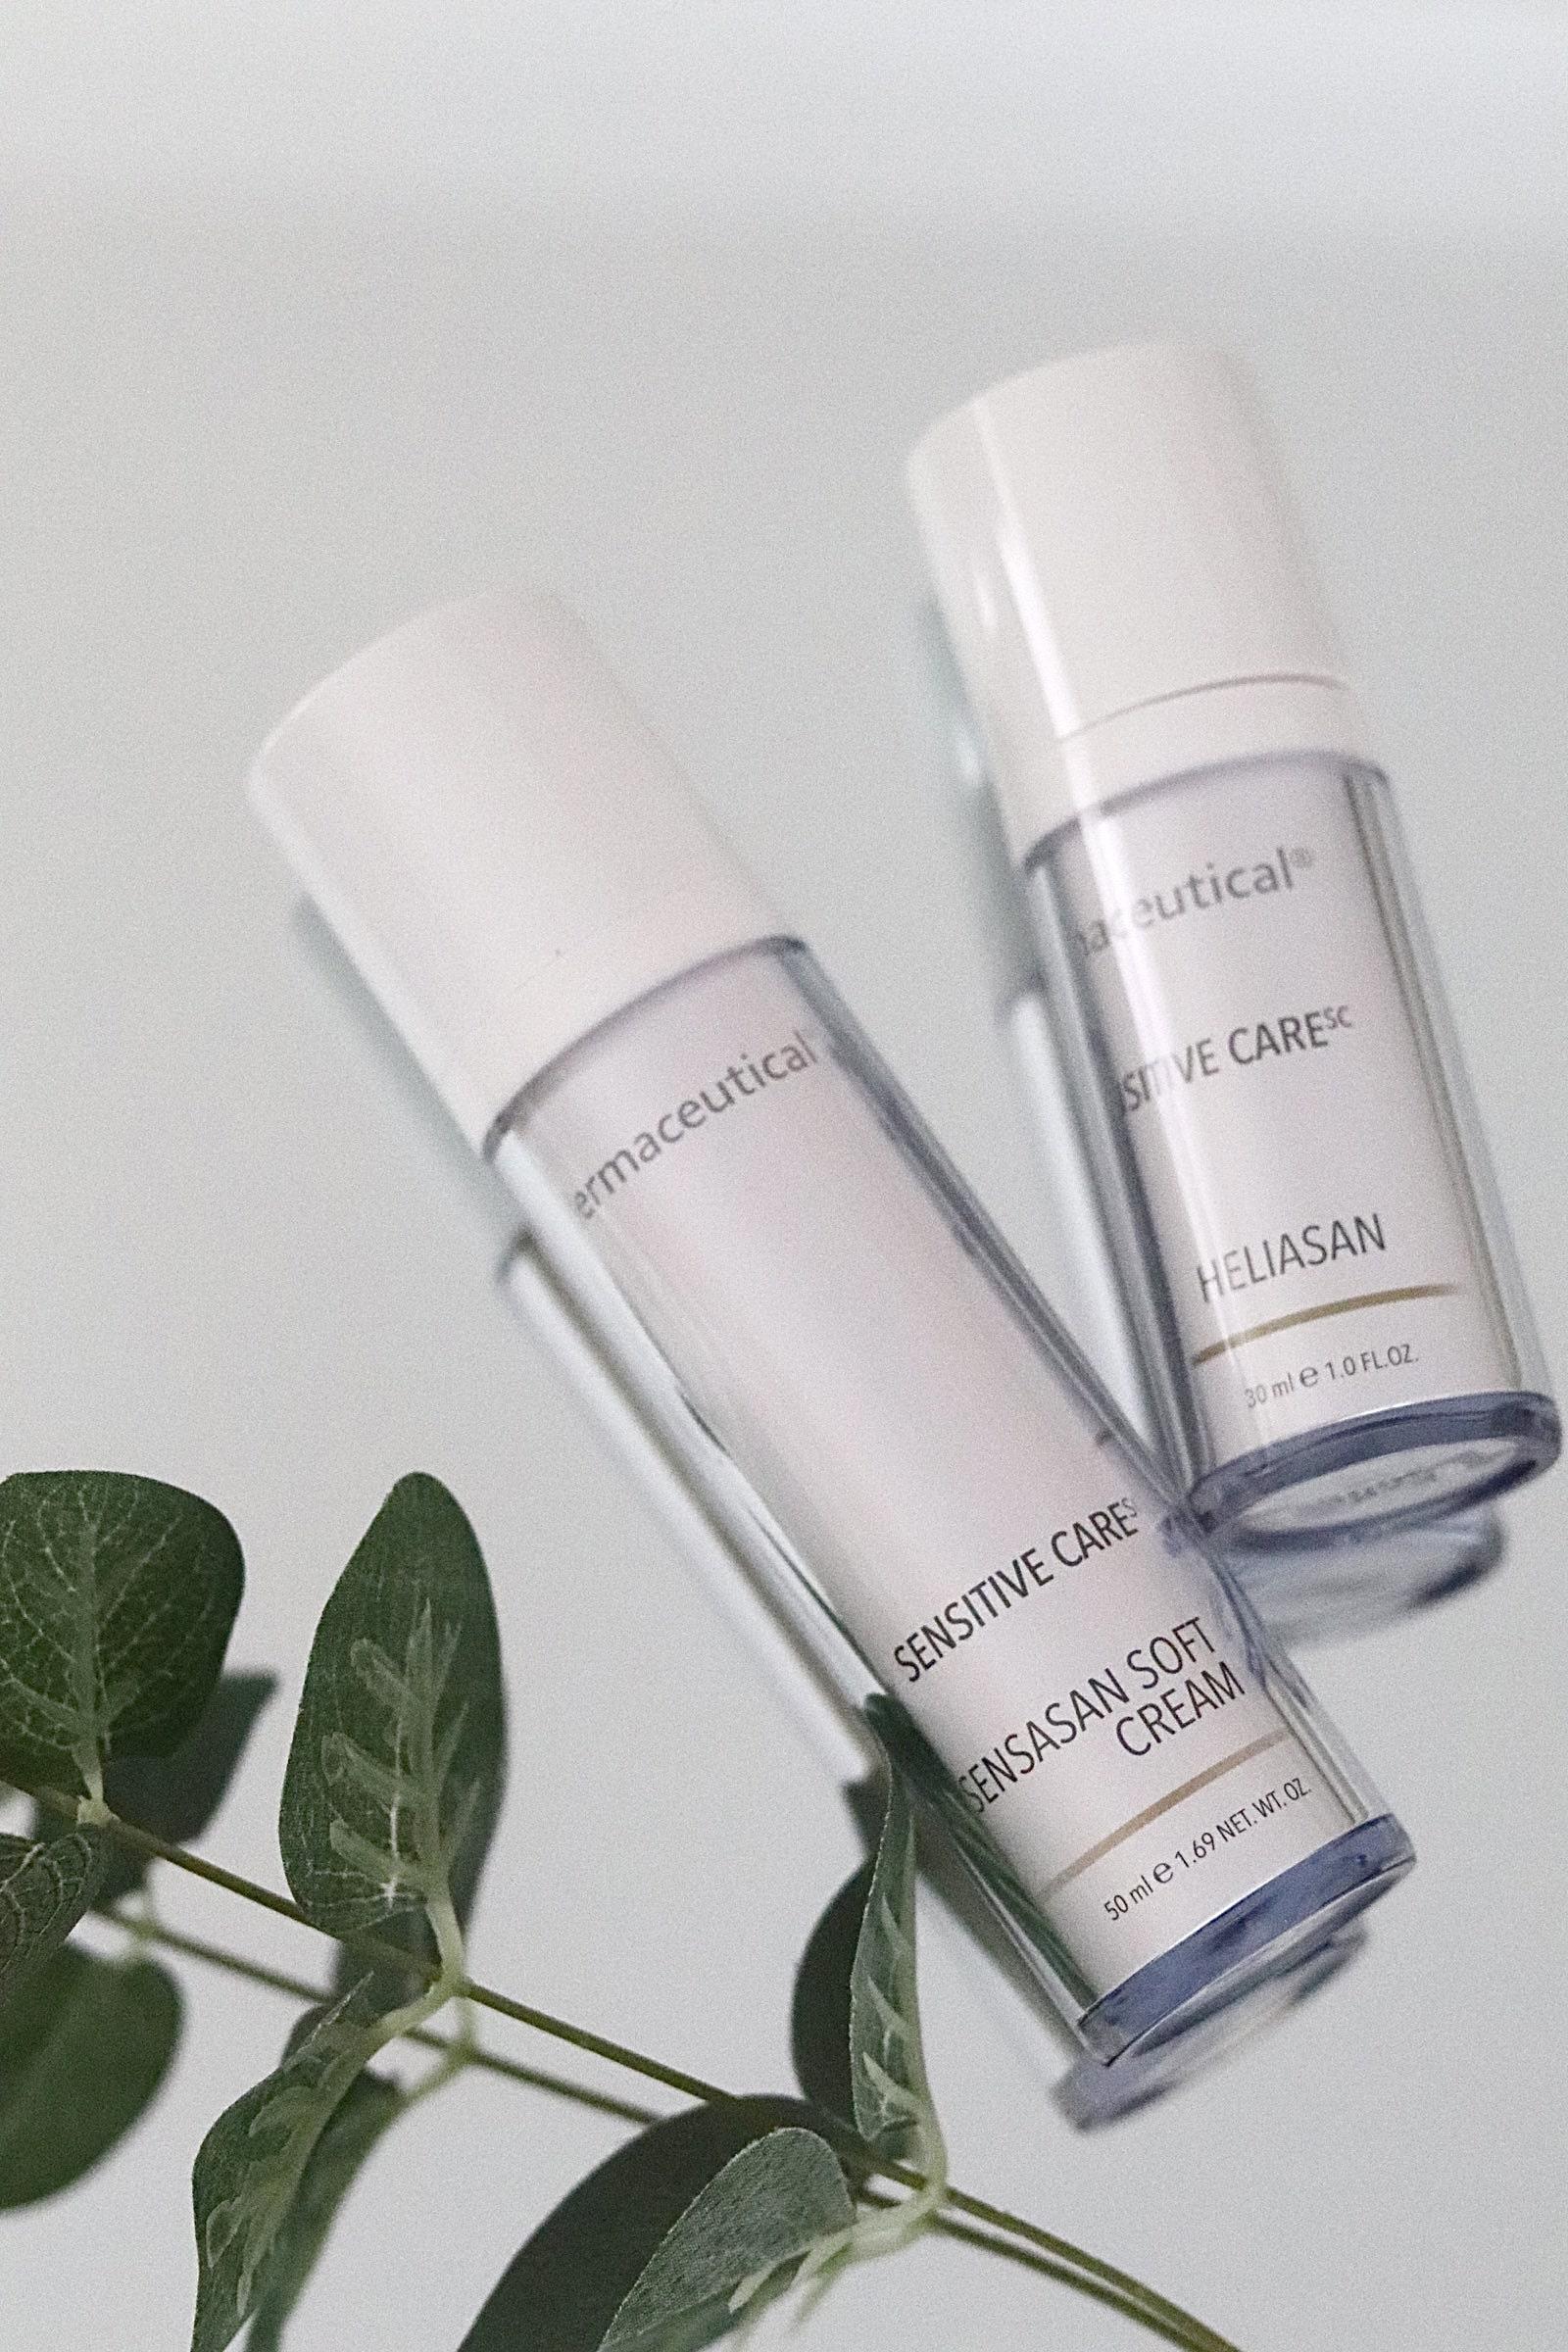 Hilfe von dermaceutical bei überpflegter Haut